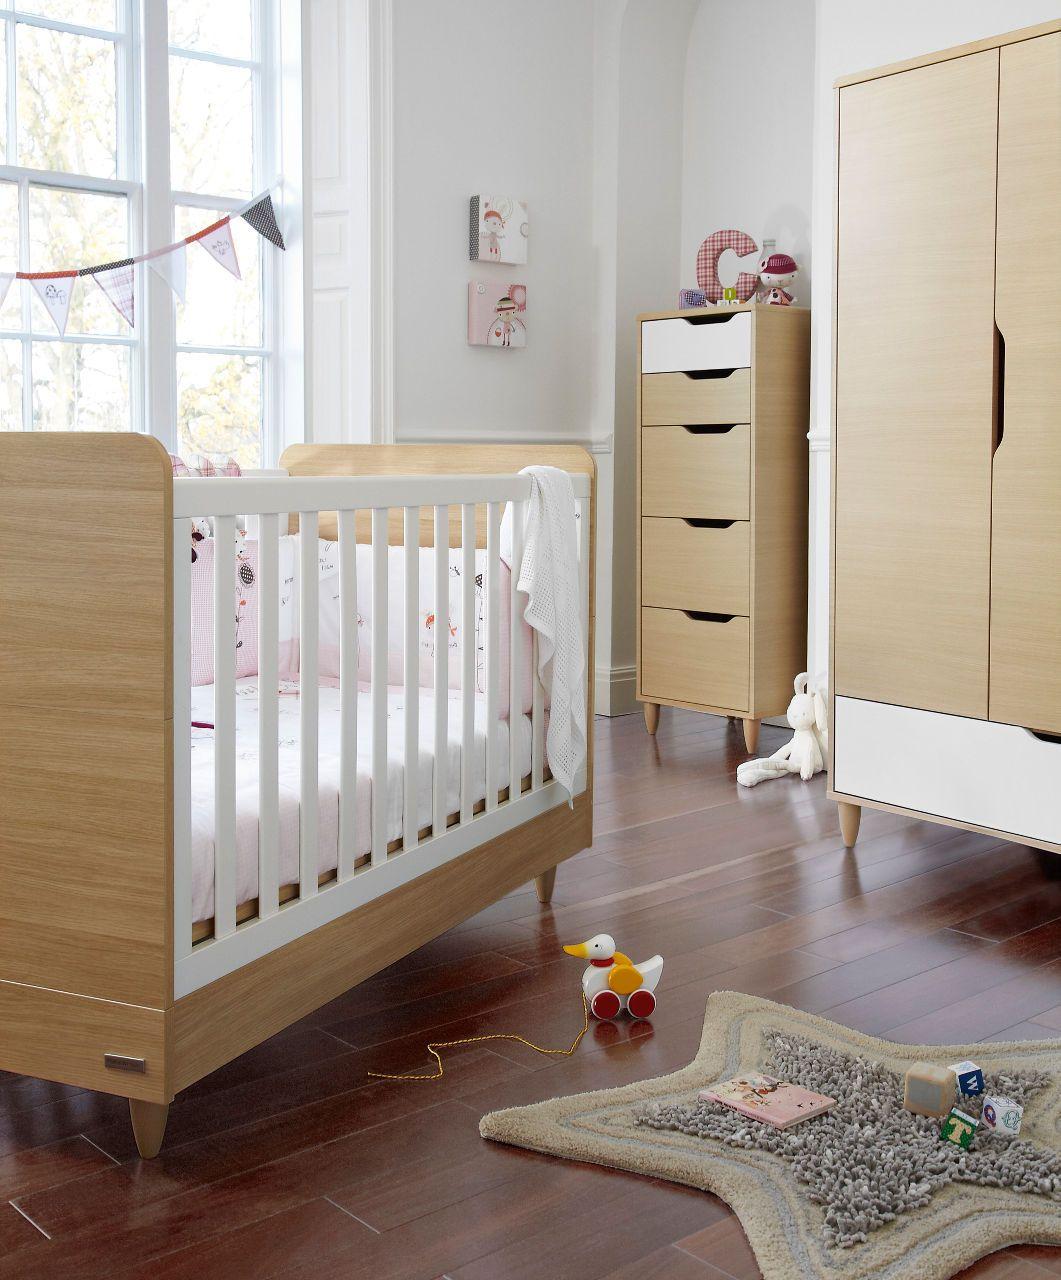 Manhattan Cot/Toddler Bed   Natural/White   Manhattan   Mamas U0026 Papas